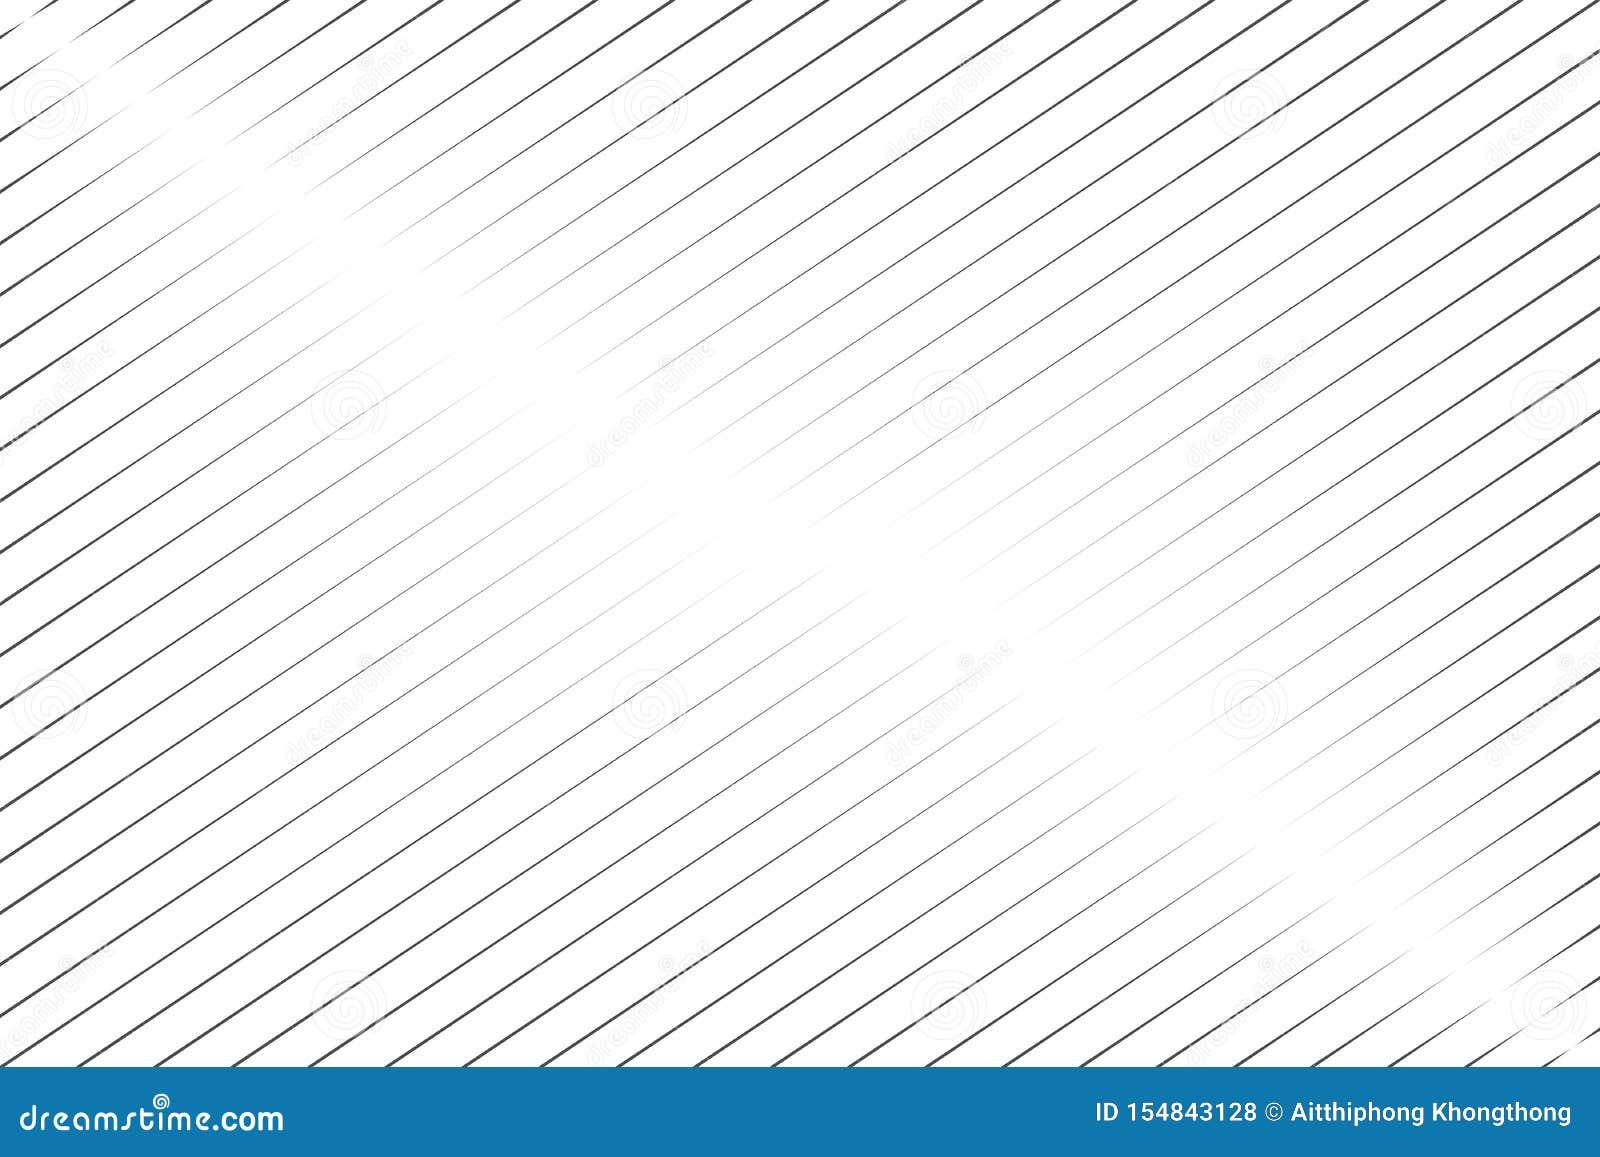 Αφηρημένες μαύρες πλάγιες γραμμές στην άσπρη διανυσματική απεικόνιση υποβάθρου